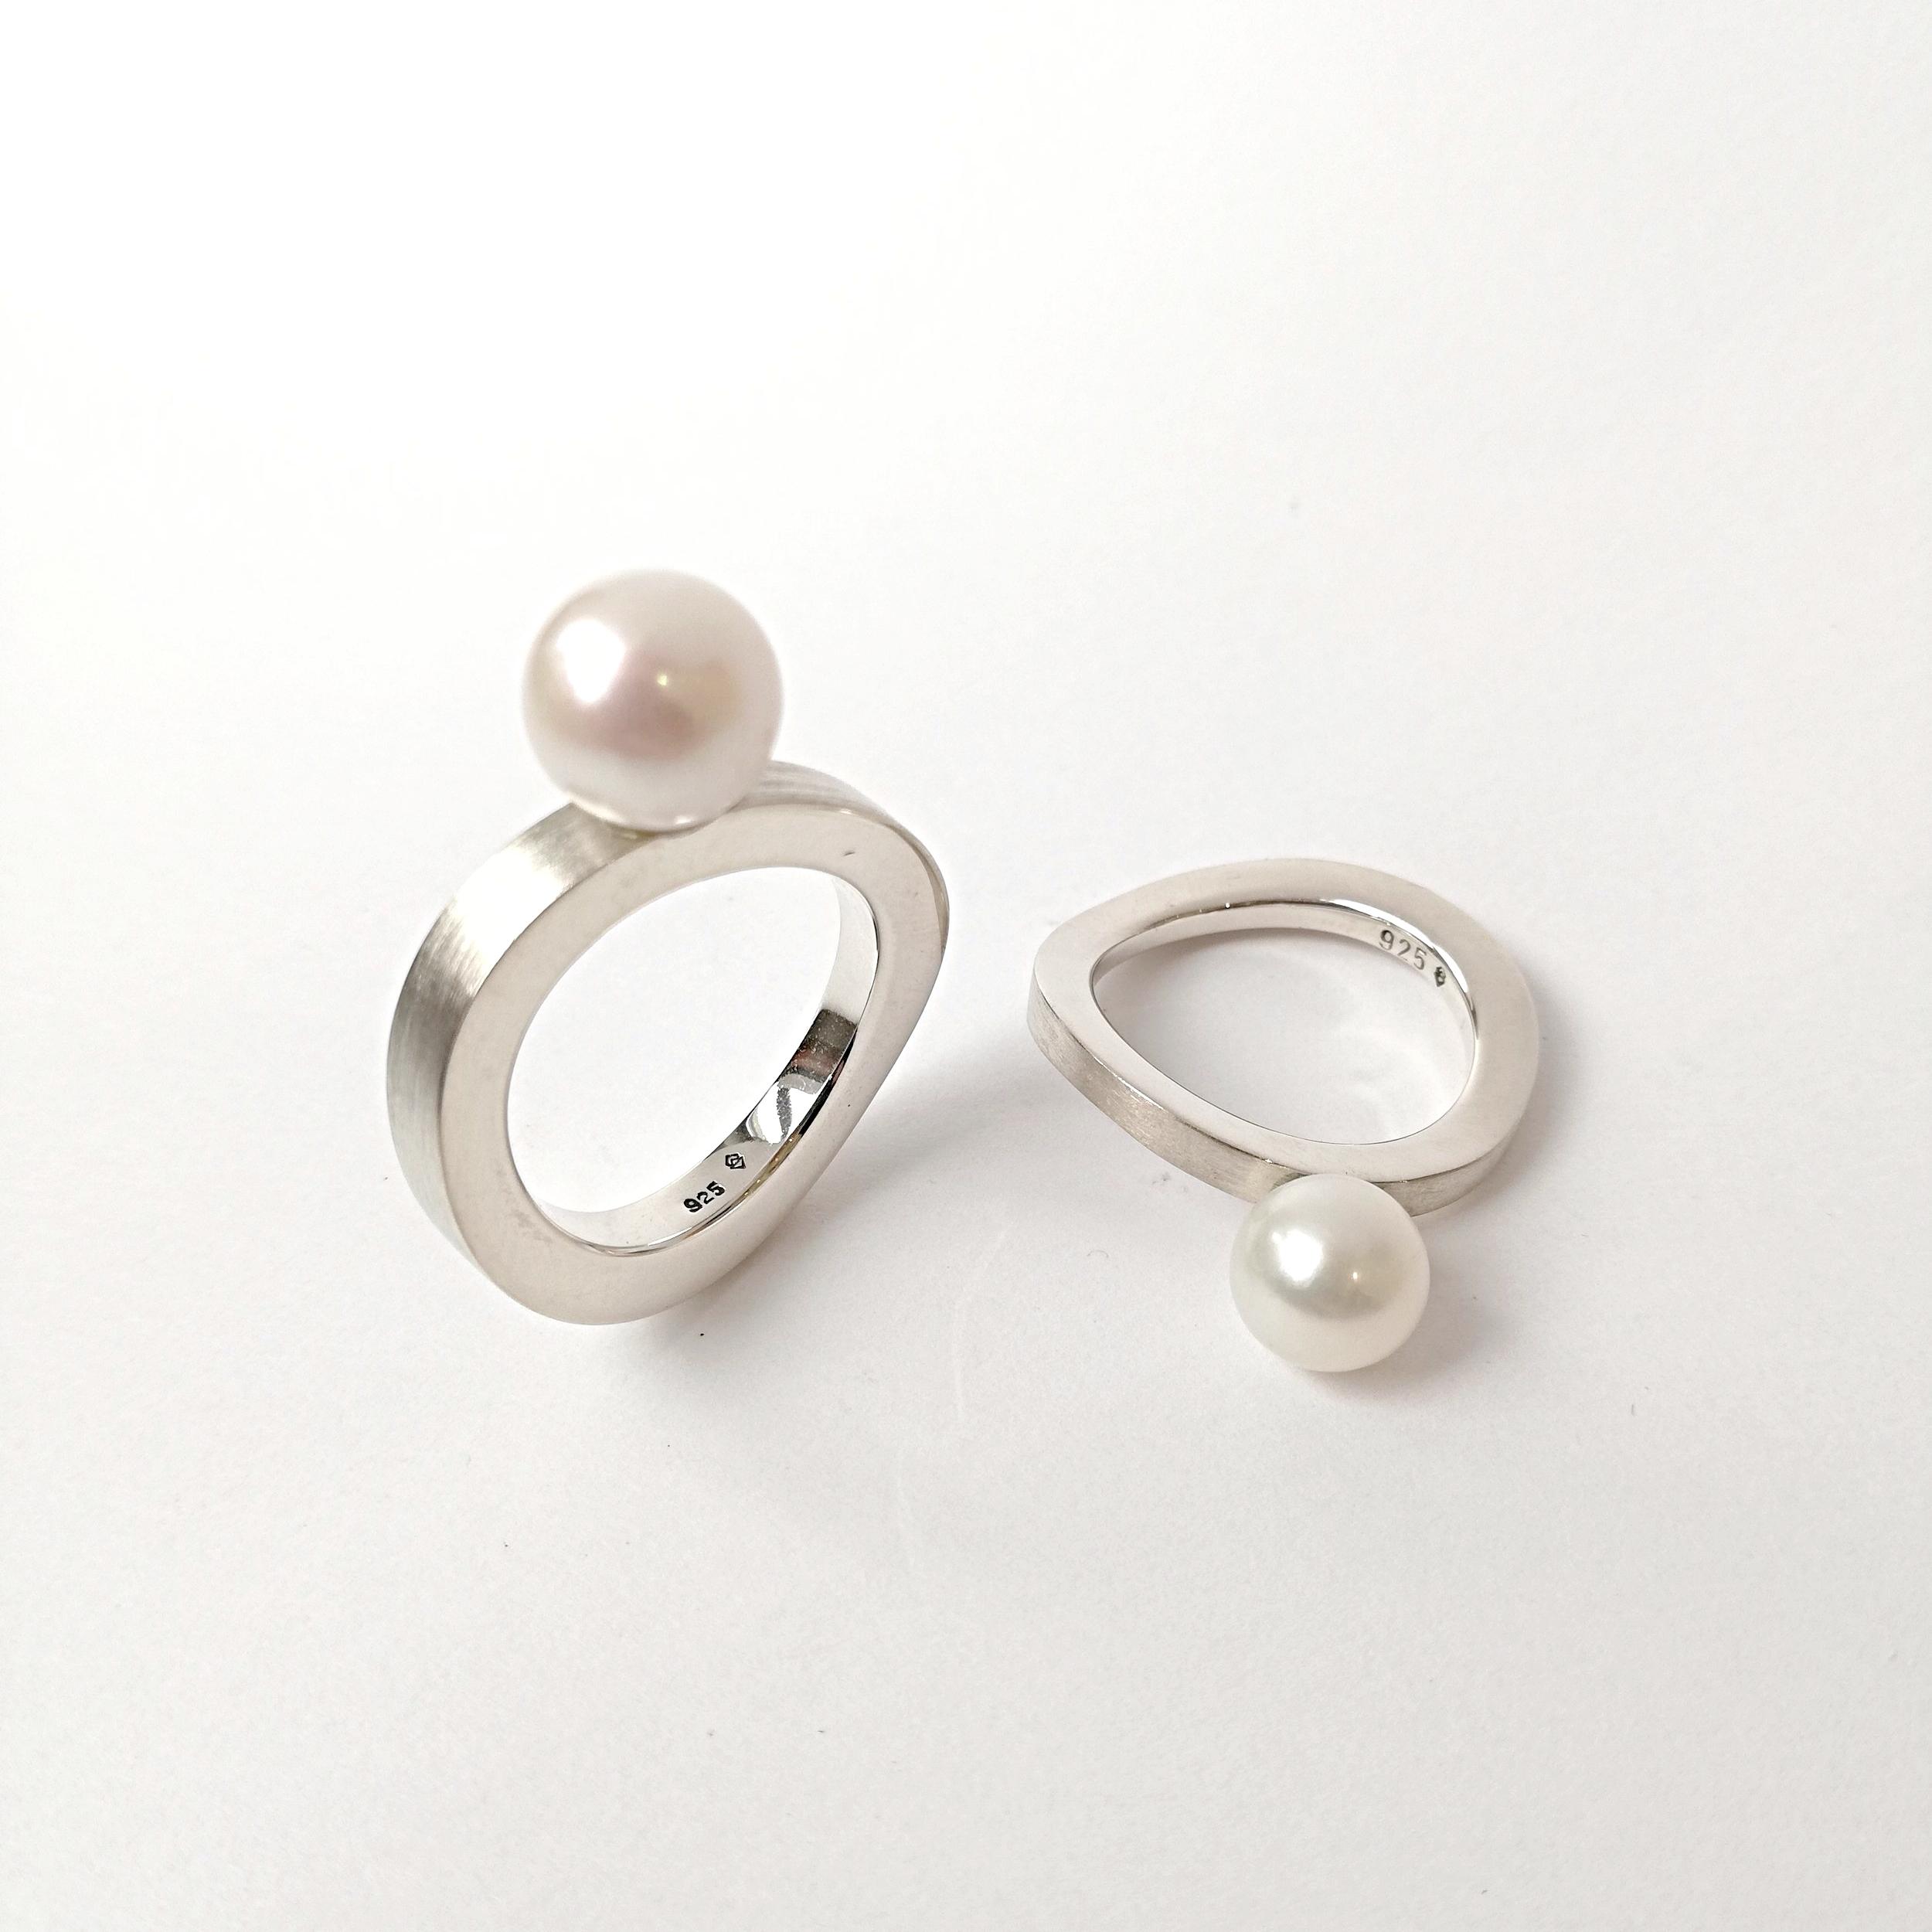 Ring No.10 - Süsswasserzuchtperle / Silber 925breit Fr. 280.00schmal Fr. 250.00